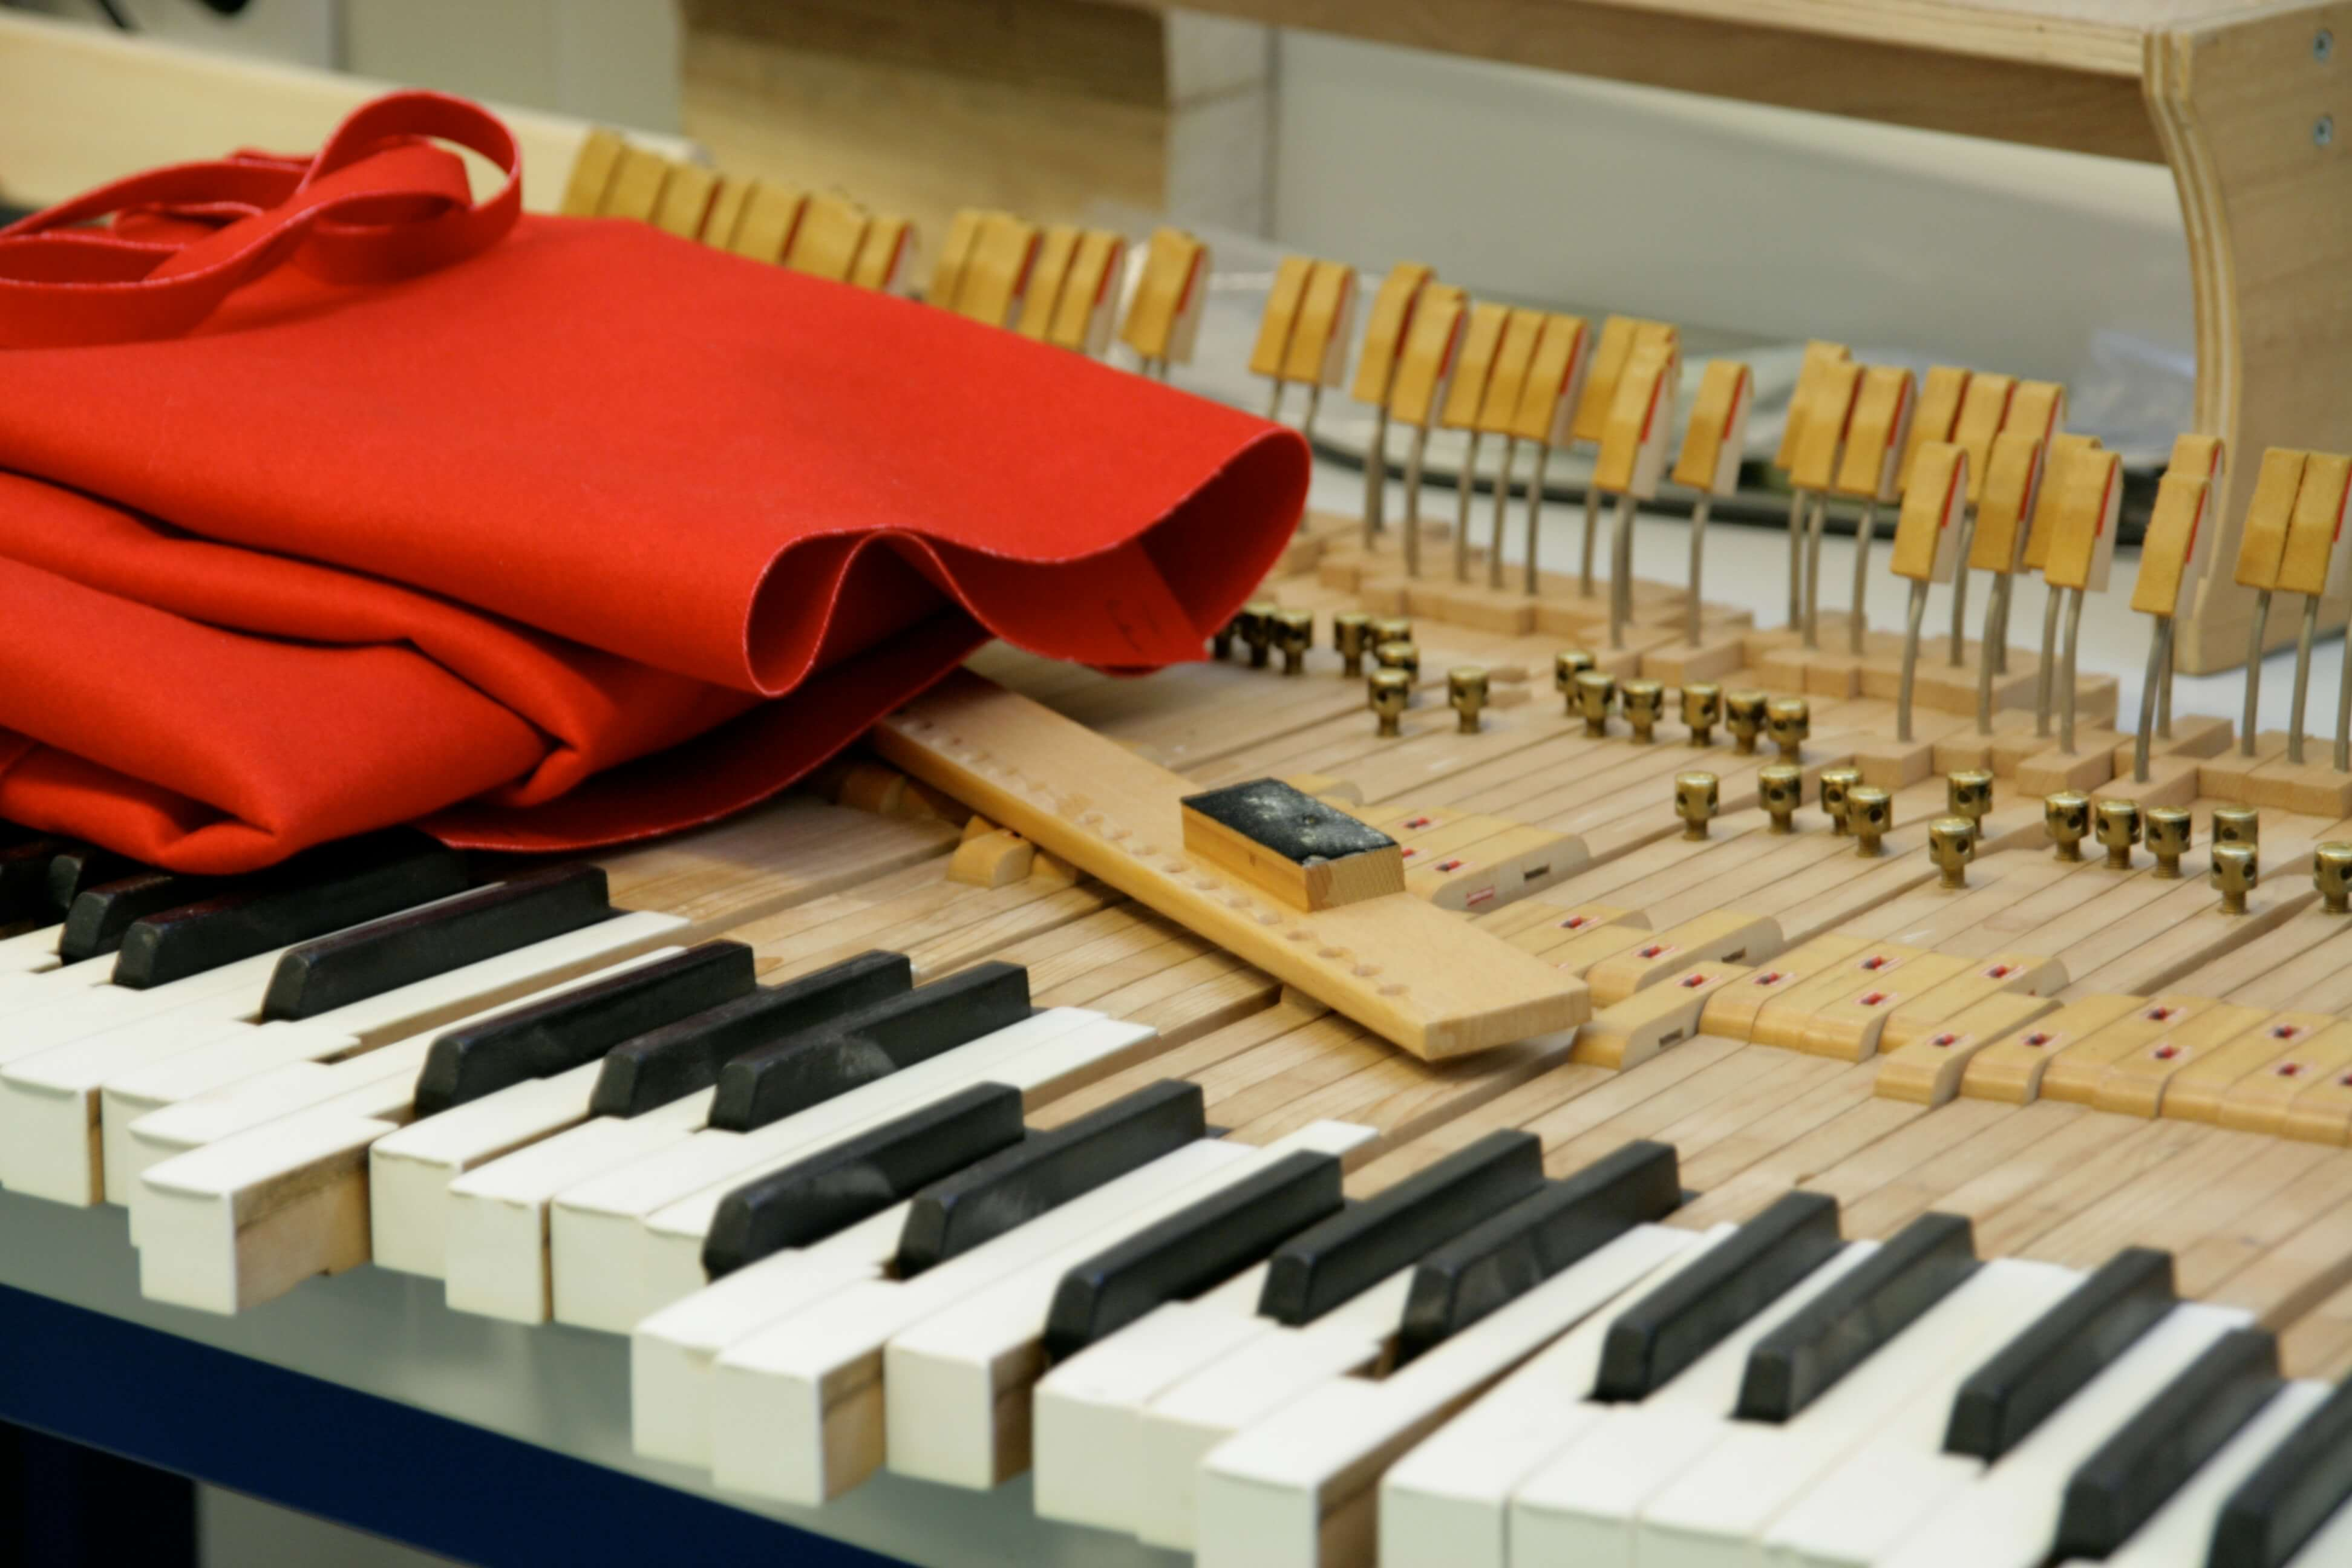 Piano revisie Een piano aankoop keuring brengt het totale plaatje in beeld